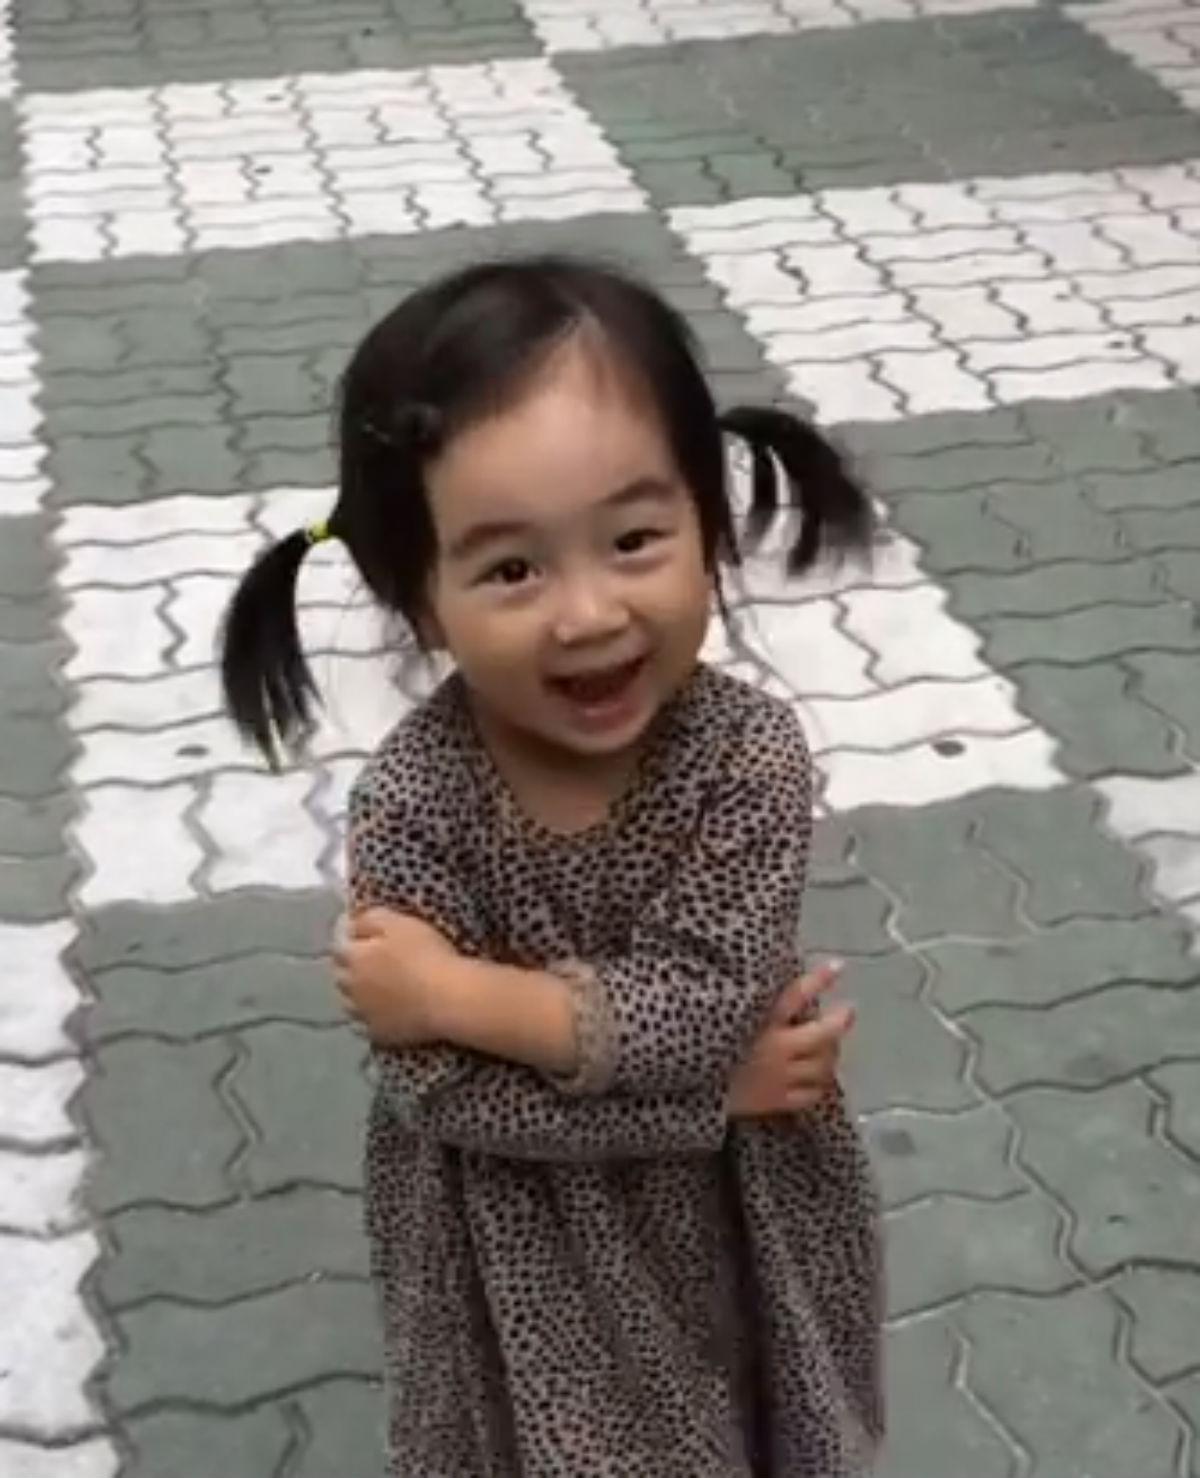 Haar schoenen maken dit meisje wél vrolijk